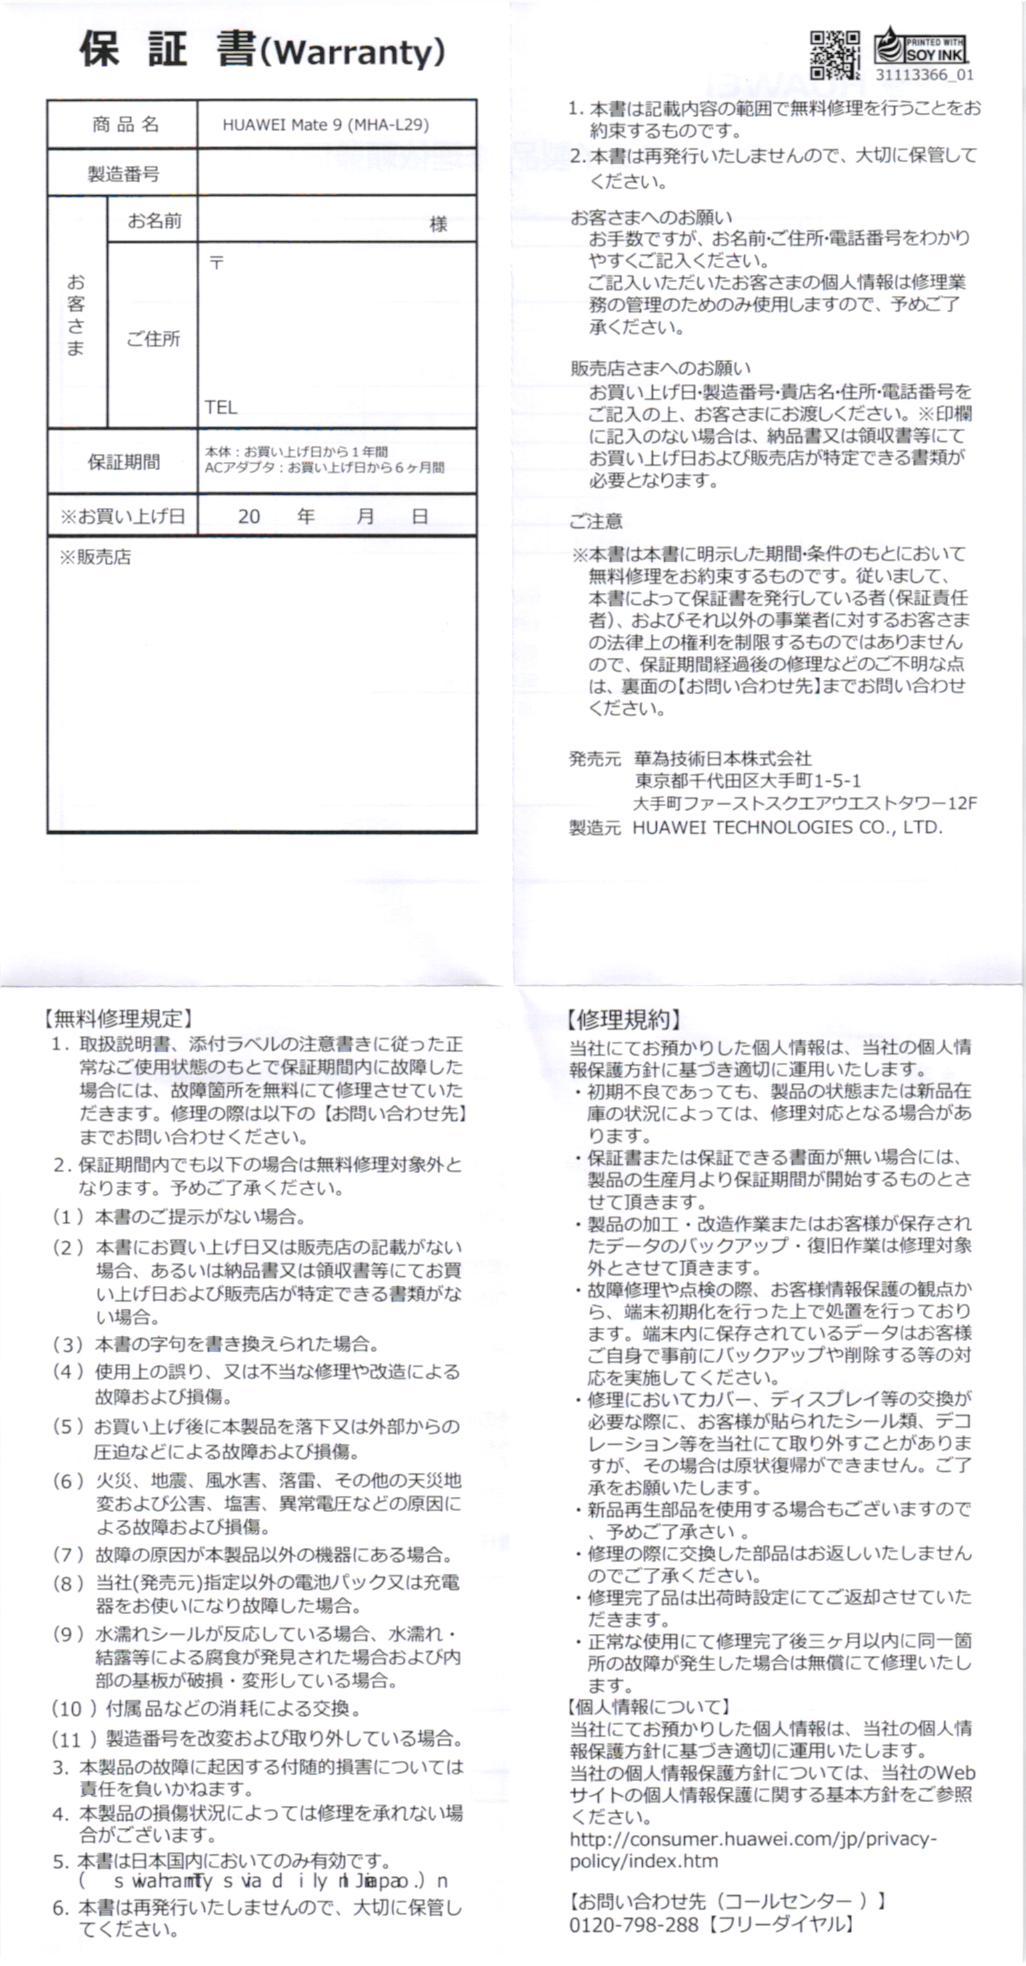 Huawei mate 9 付属品 保証書 日本語 2